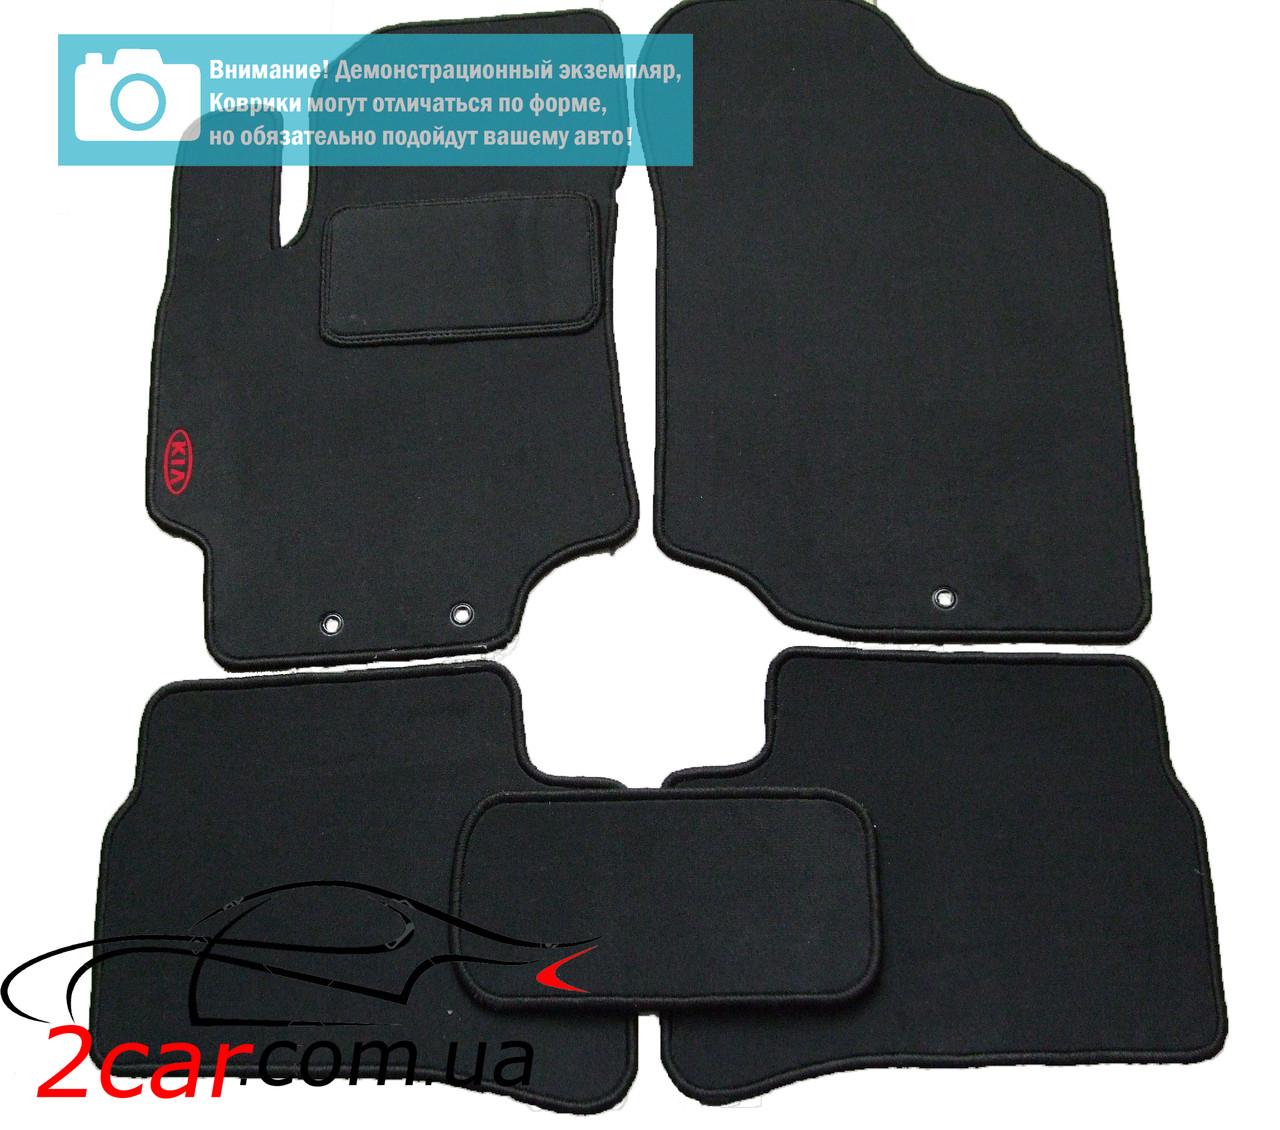 Текстильные коврики в салон для Volkswagen Caddy (2004-) (чёрный) (Sti